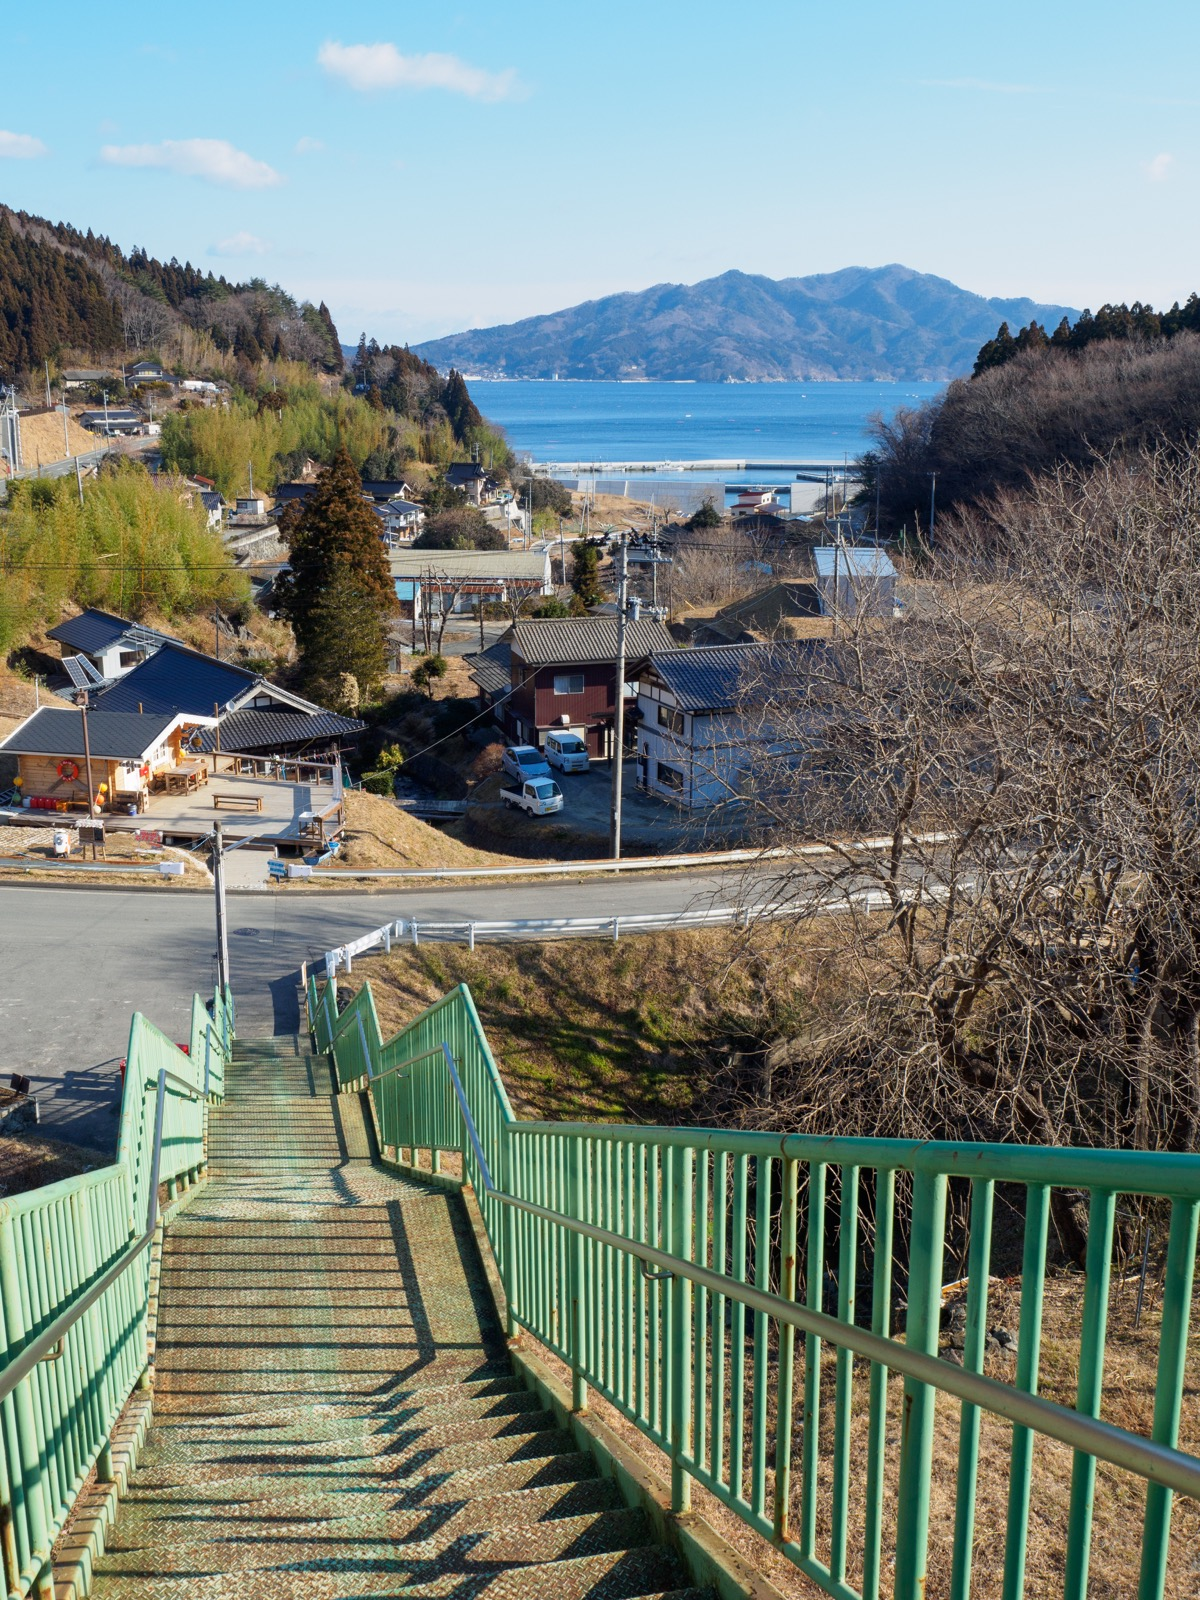 恋し浜駅のホームから続く長い階段(2016年2月)